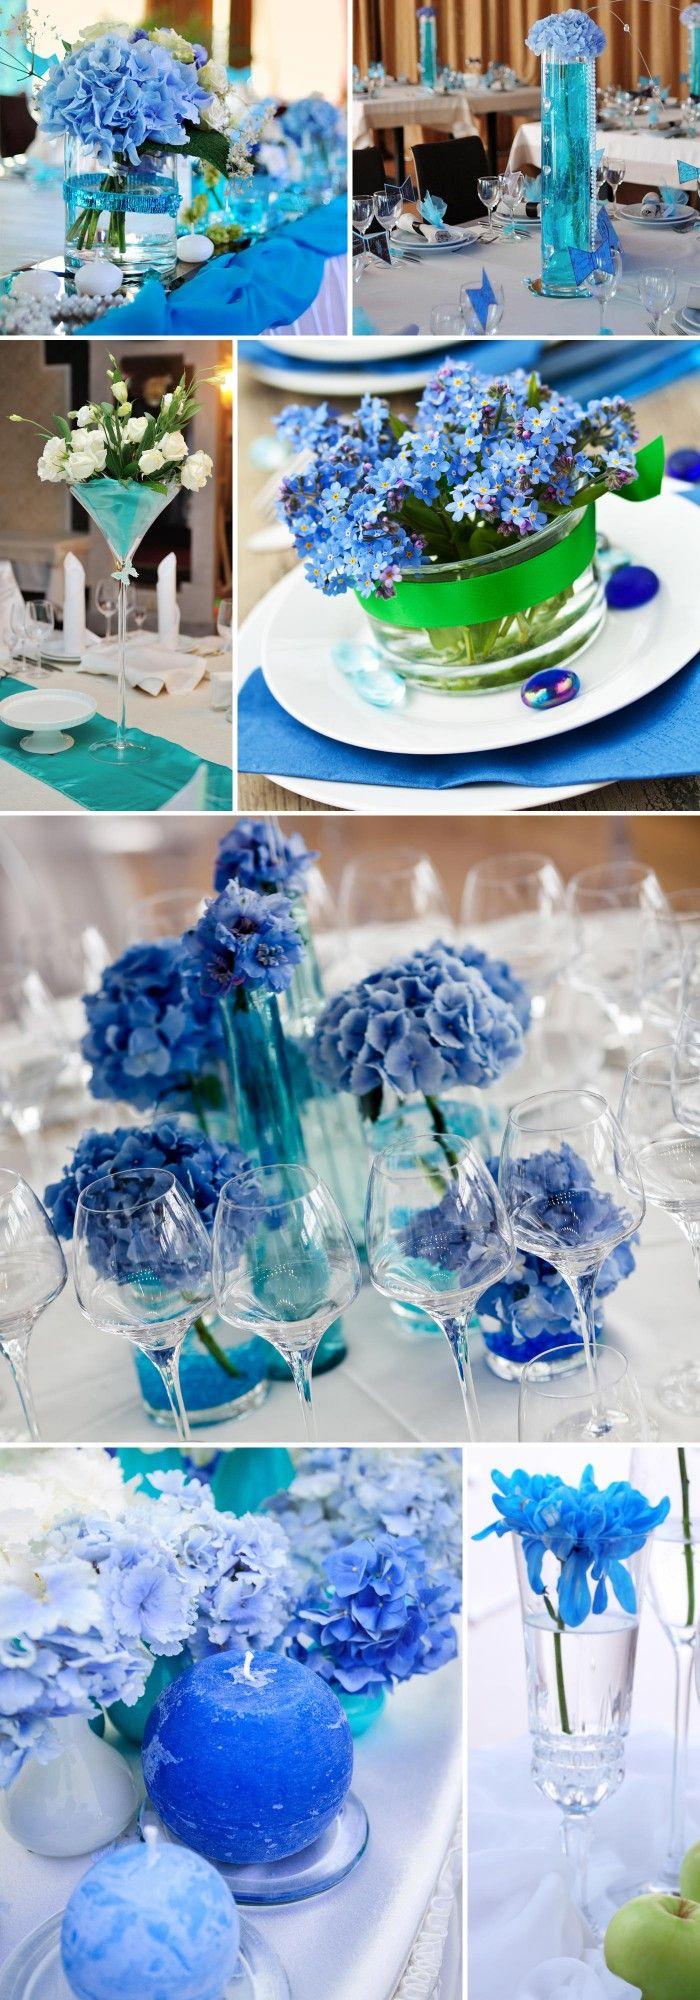 Tischdeko in Trkis  Blau  Tischdekoration zur Hochzeit